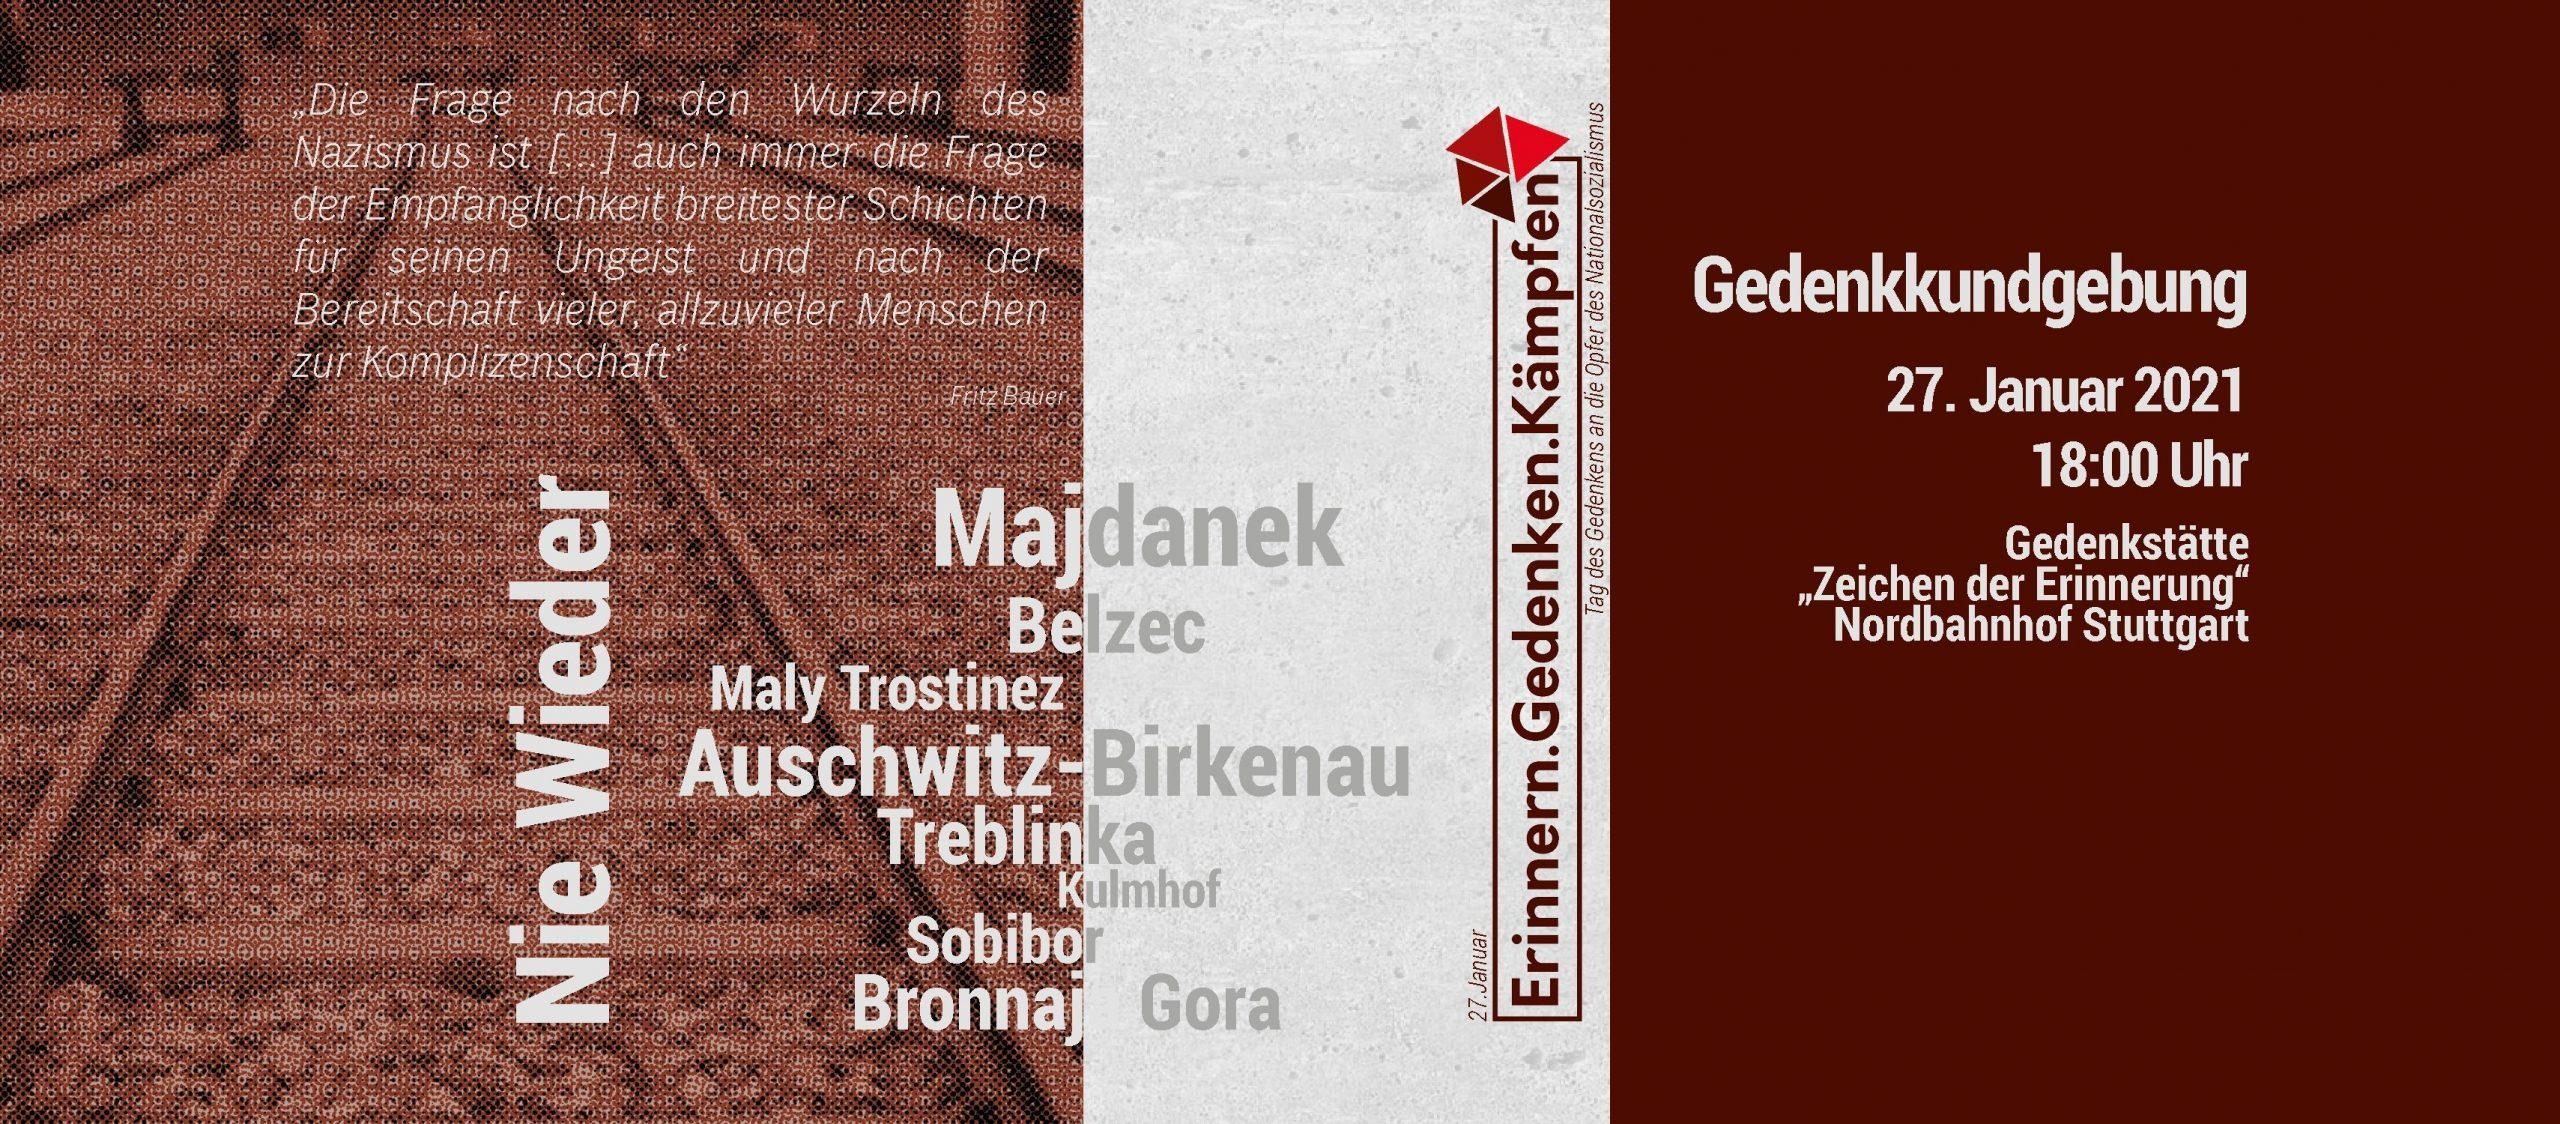 Online-Gedenken am Tag des Gedenkens an die Opfer des Nationalsozialismus